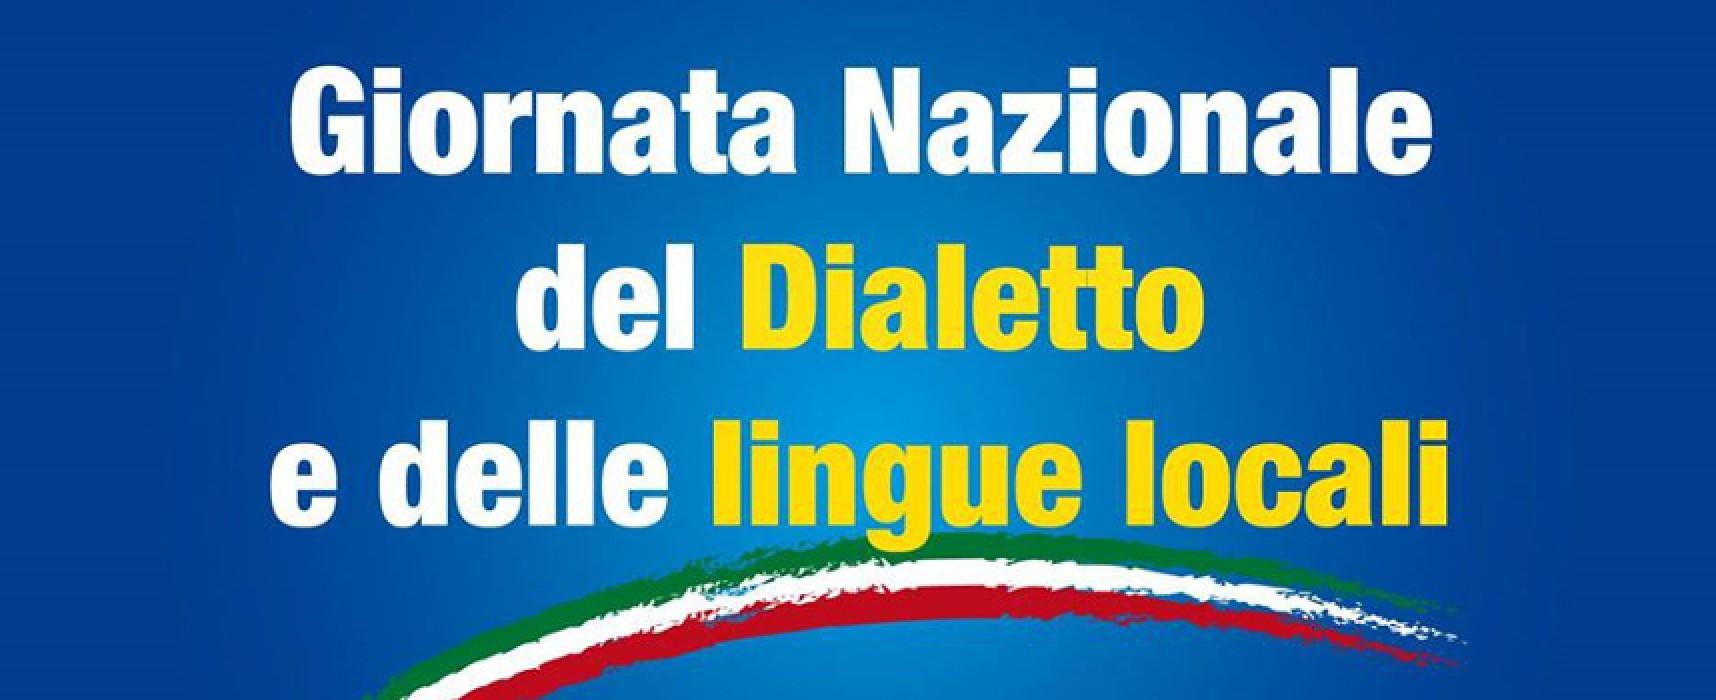 """Giornata nazionale del dialetto, """"La Canigghie"""" e Pro Loco insieme per l'edizione 2017 / PROGRAMMA"""